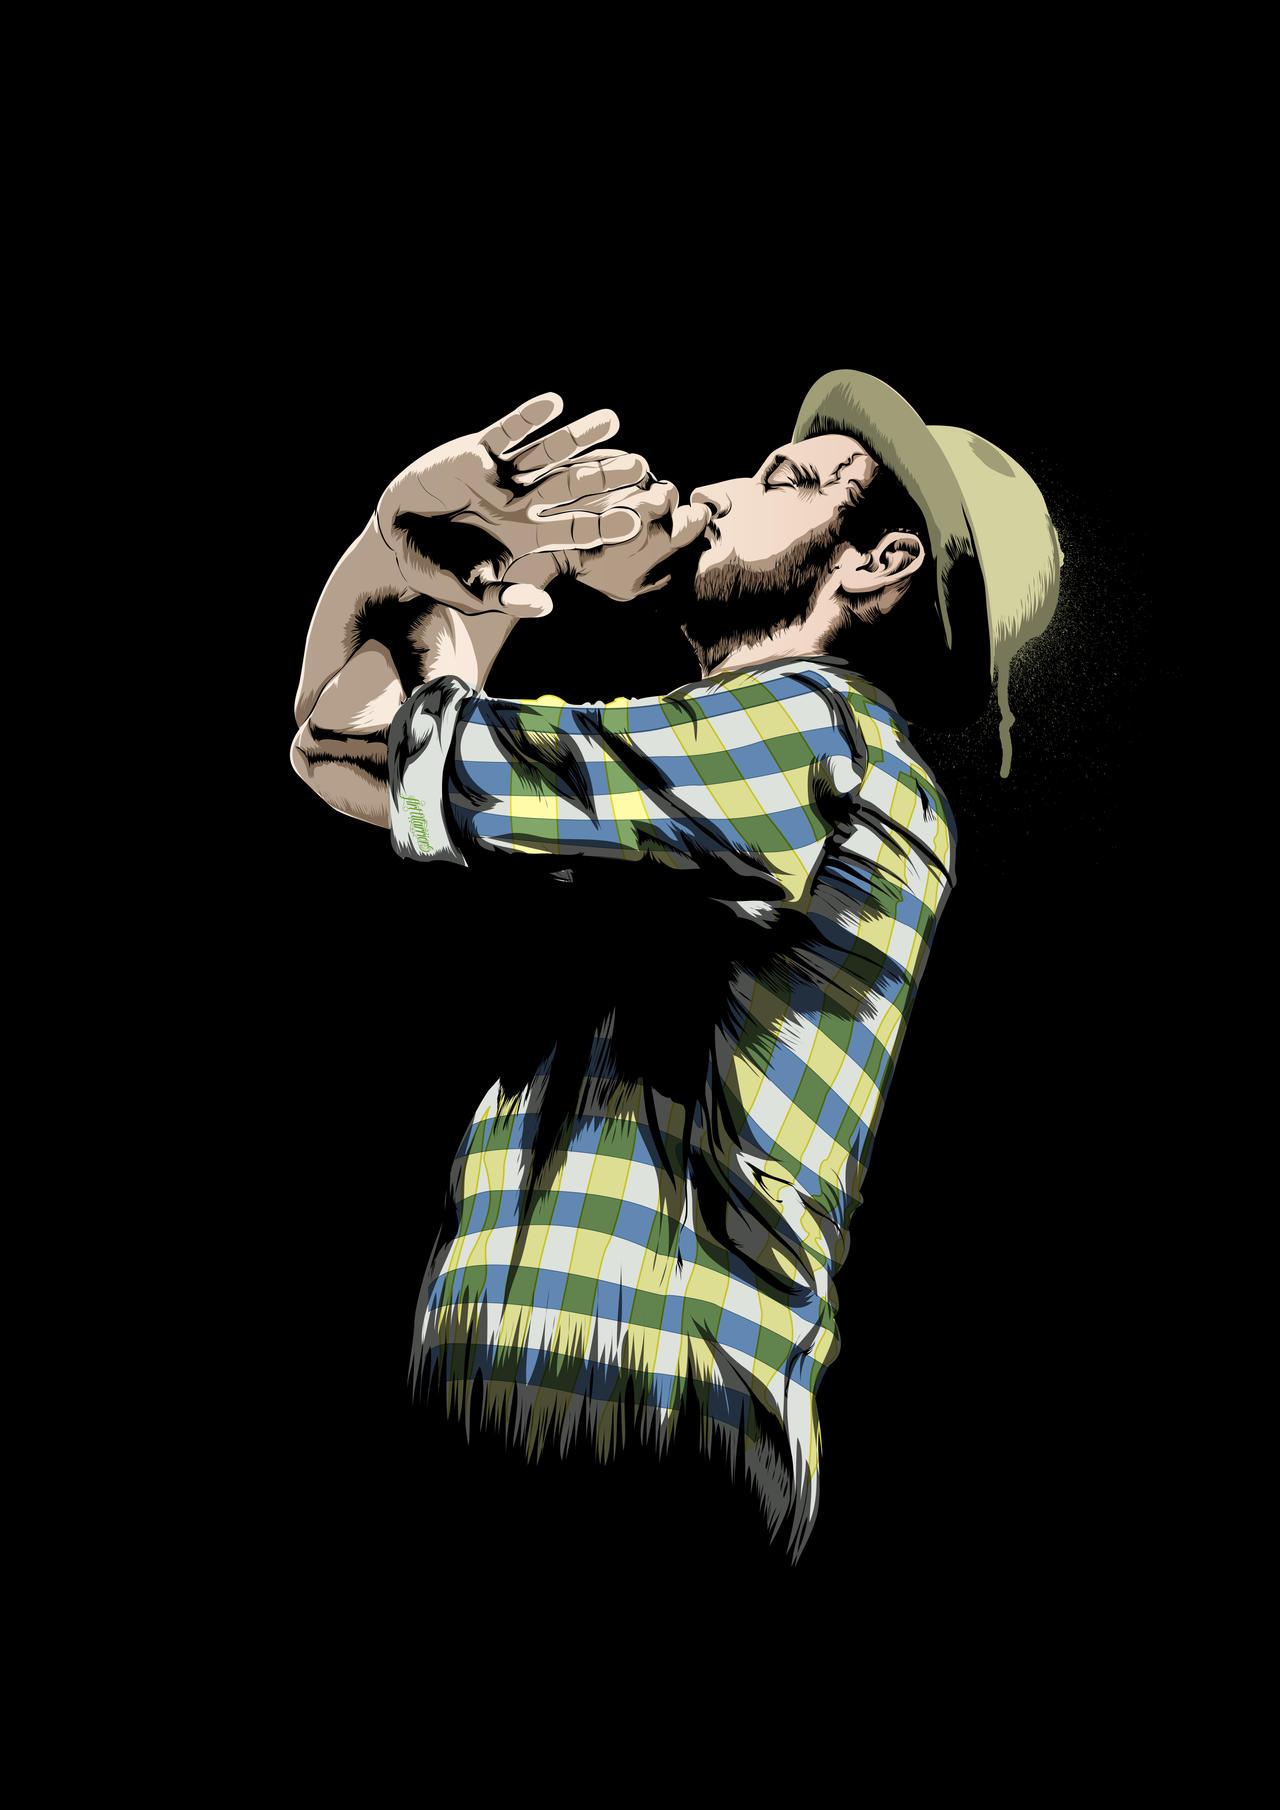 Beatsteaks by artwarriors